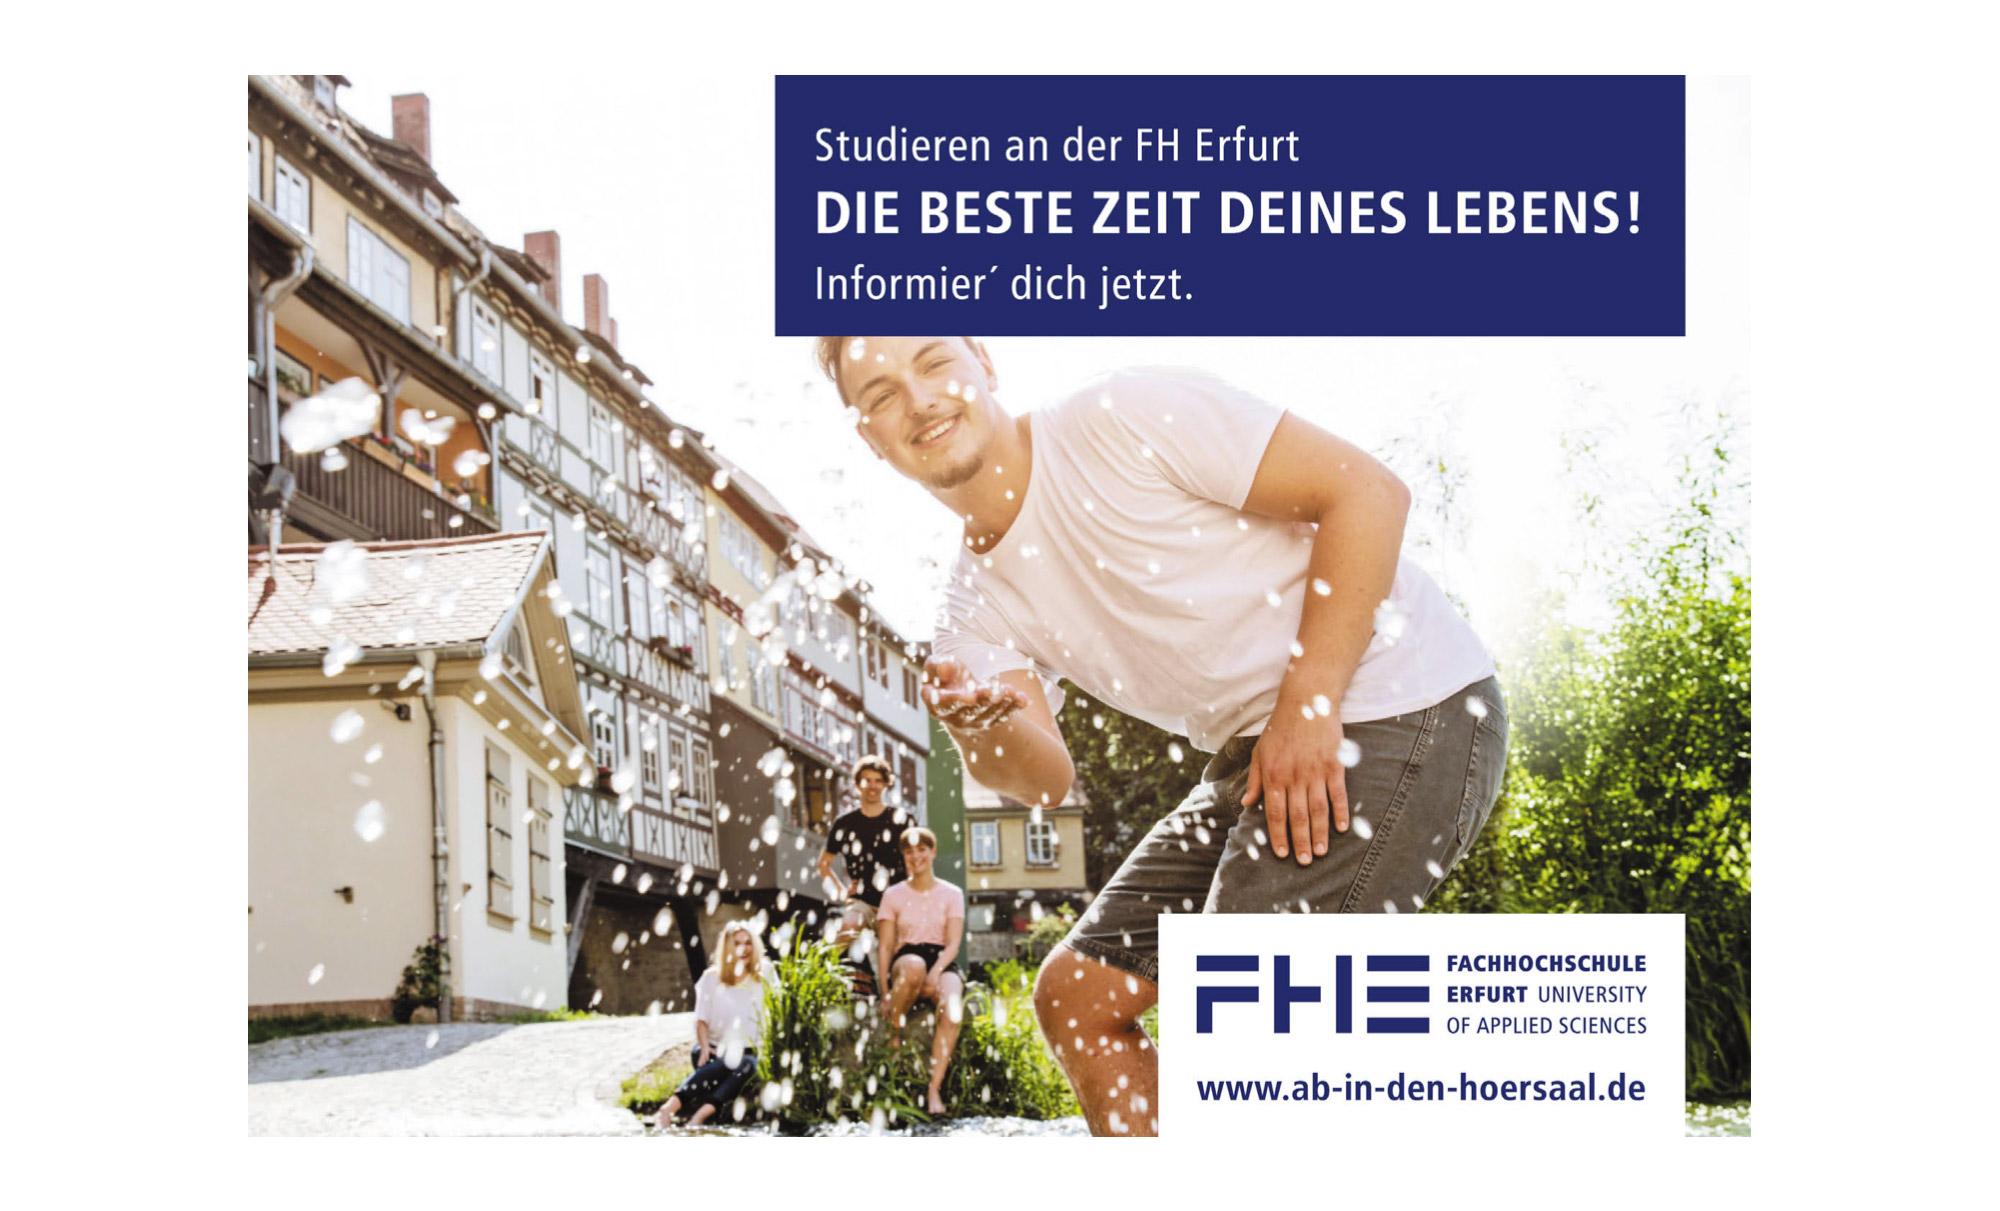 Motiv der Social Media Kampagne für die FH Erfurt. Auf de Bild: Studieren an der FH Erfurt – Die Beste Zeit deines Lebens! Informier' dich jetzt. www.ab-in-den-hoersaal.de